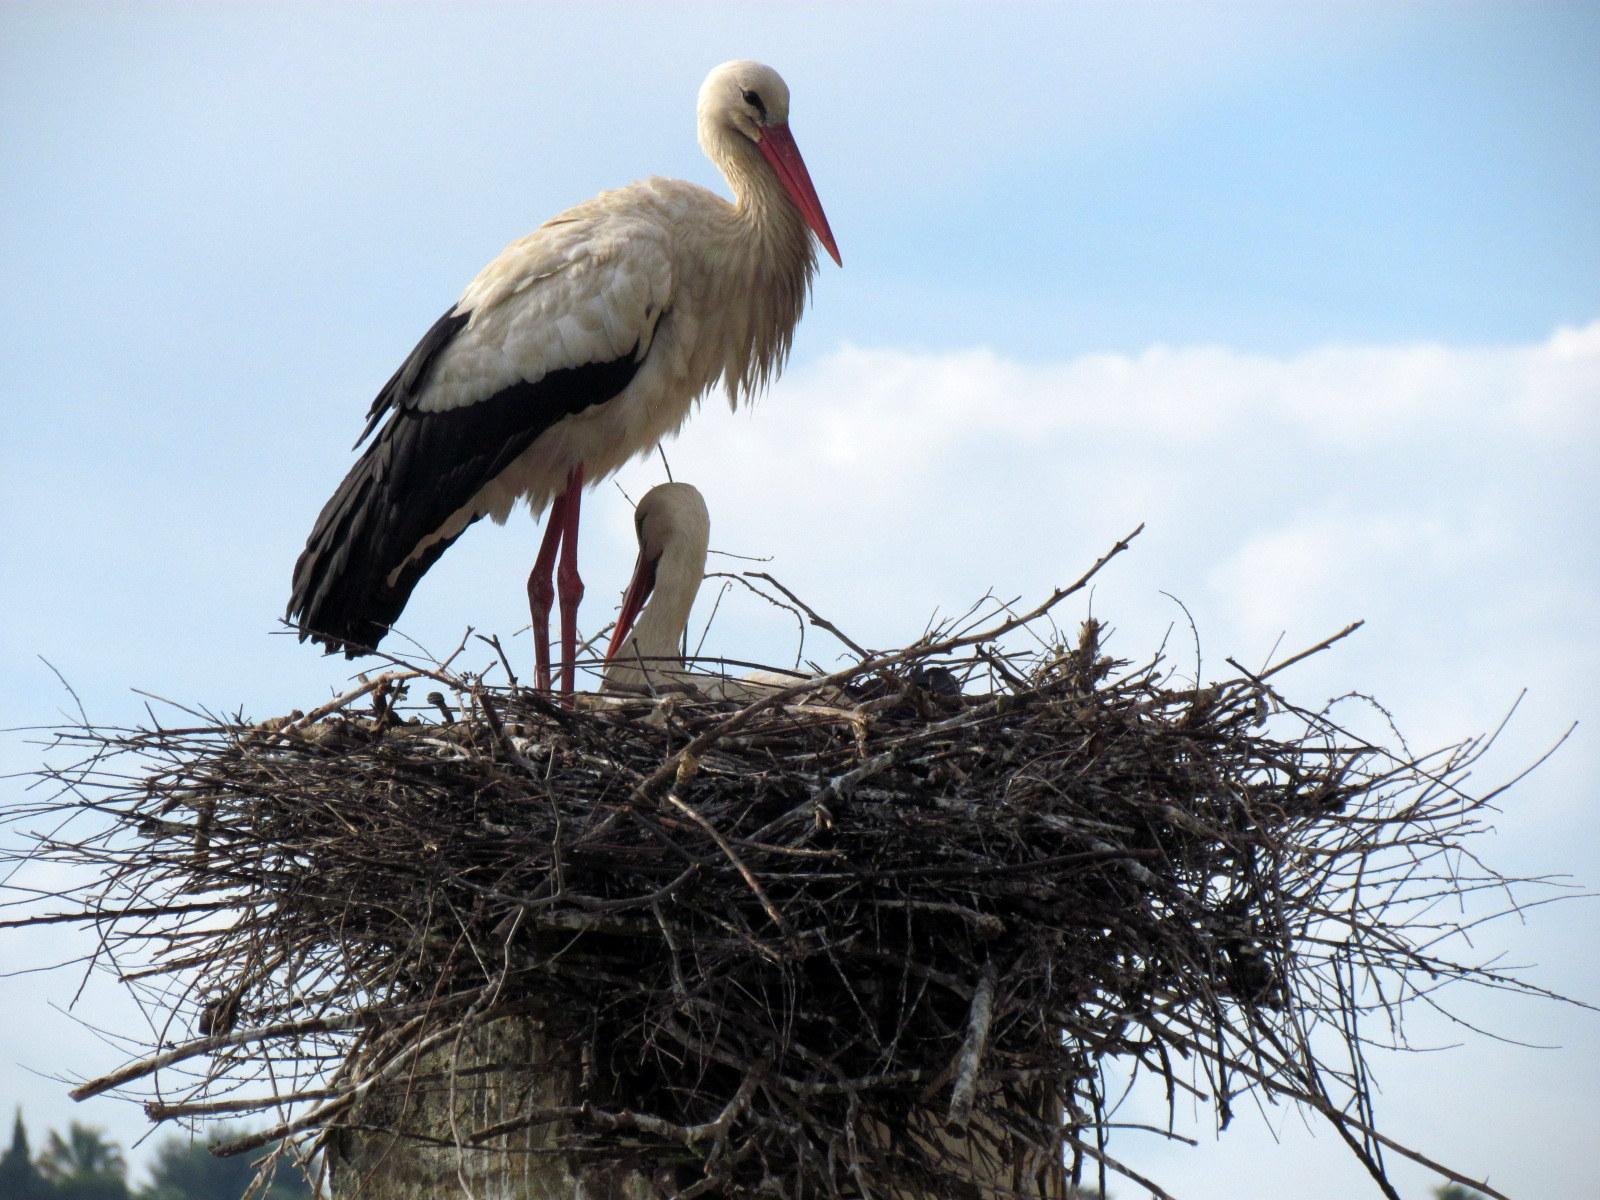 Stork on its nest